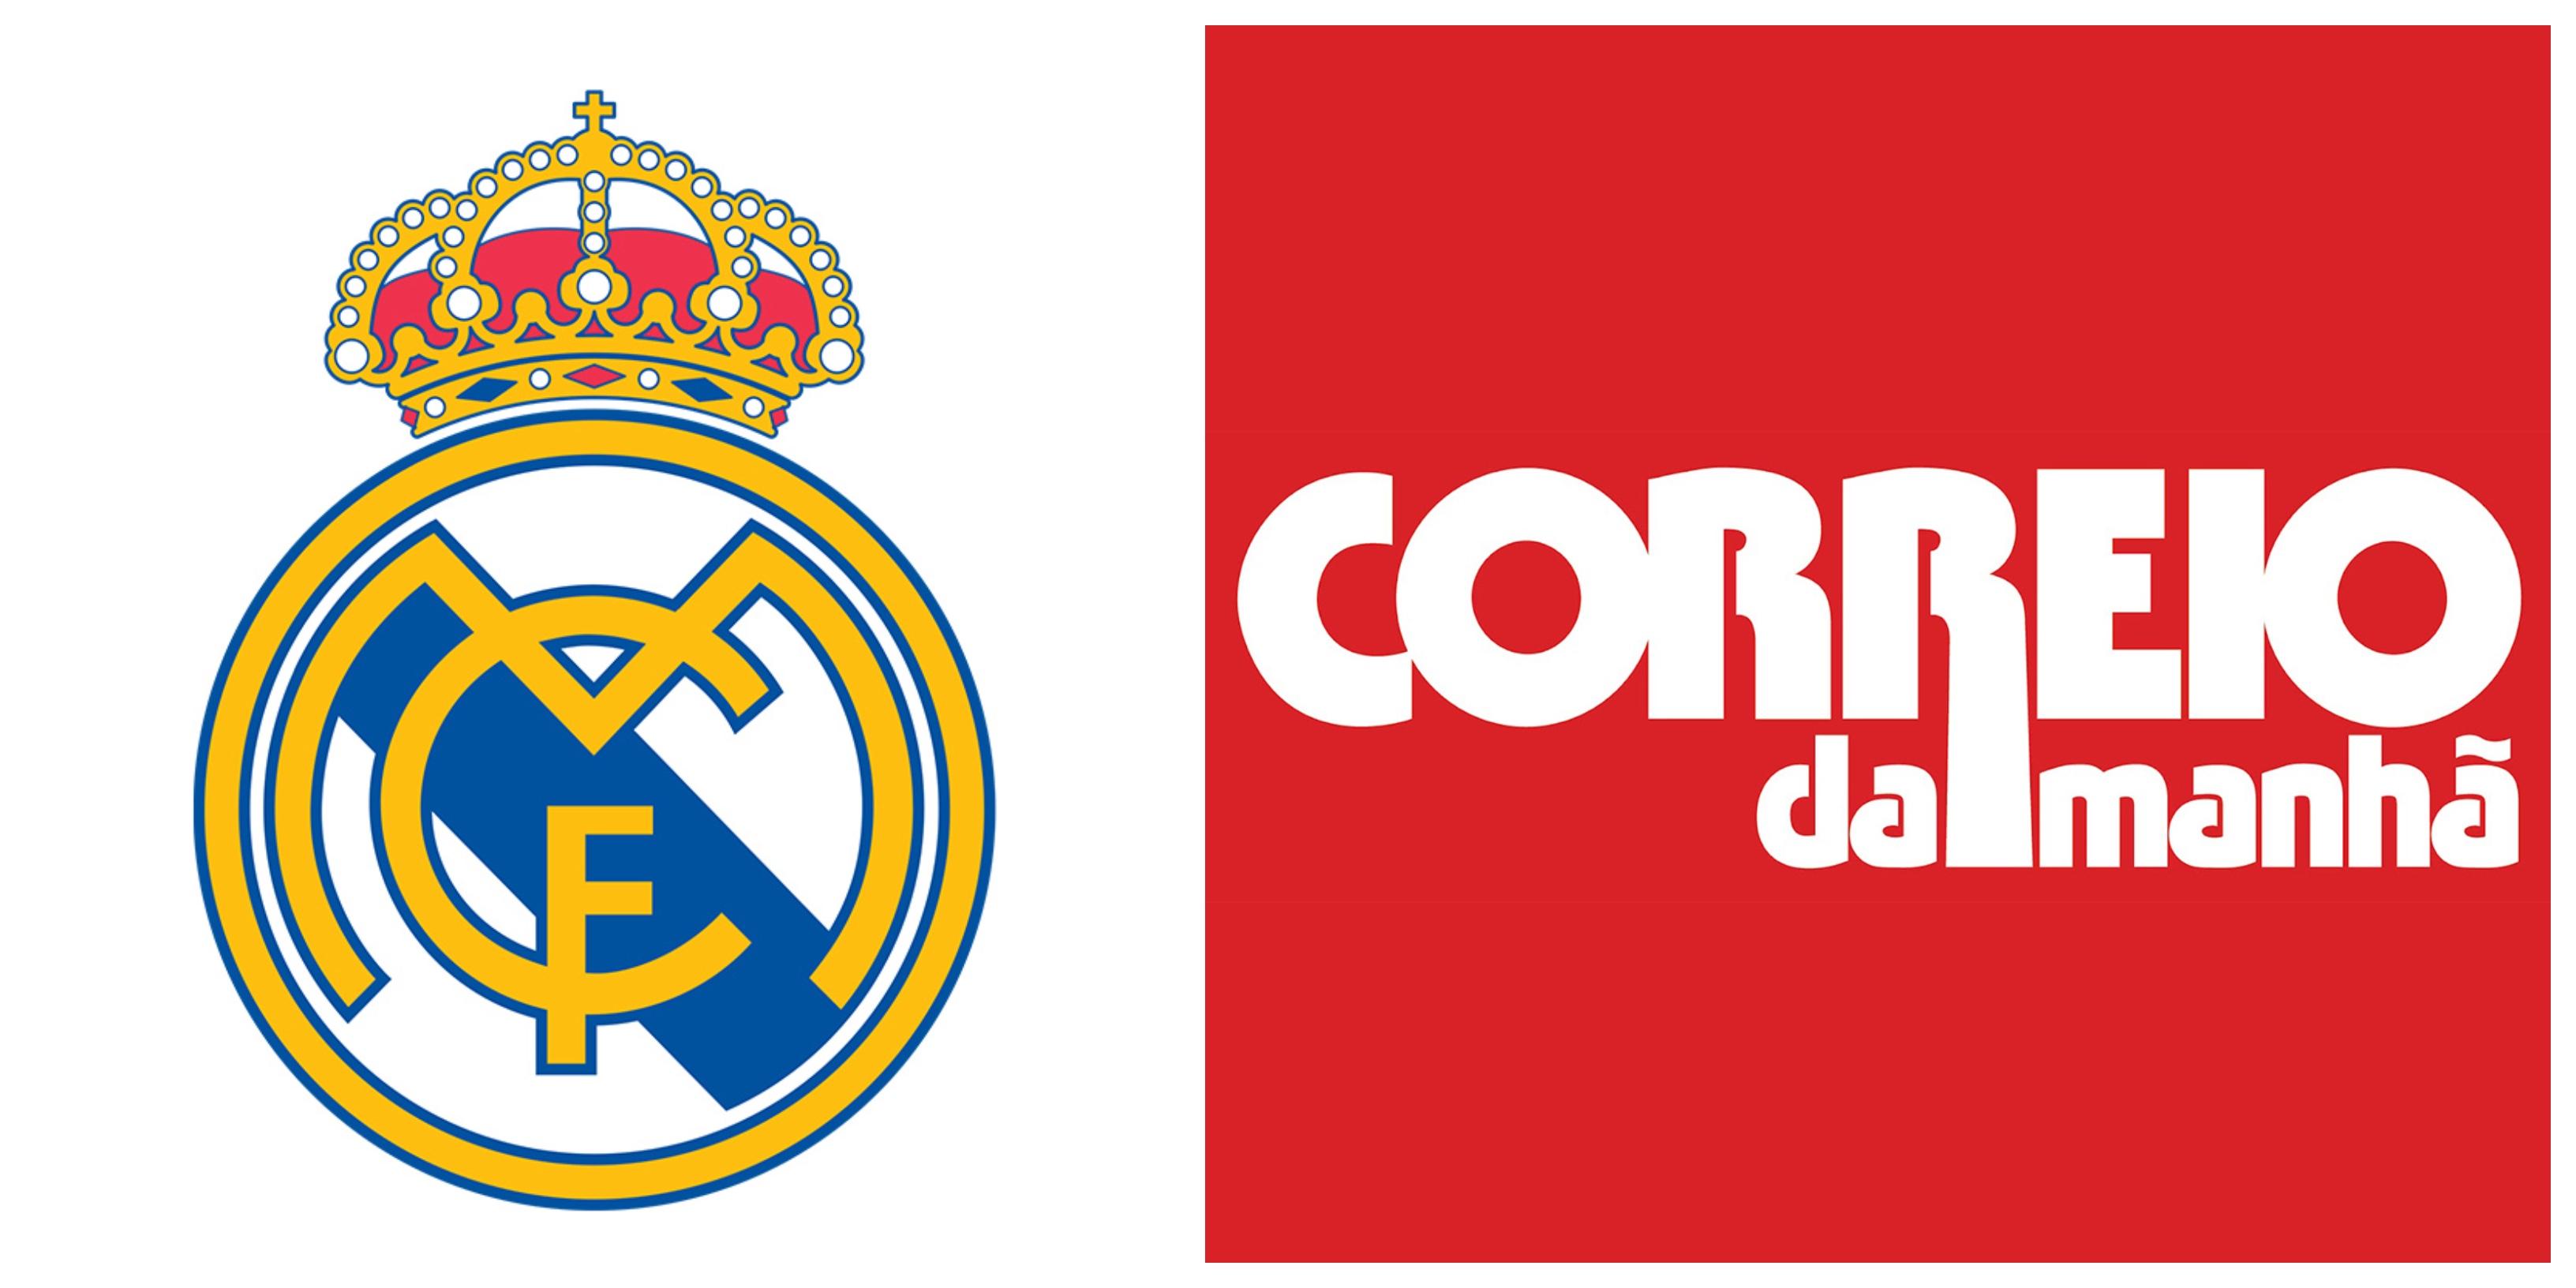 Real Madrid Correio Da Manha Real Madrid Vai Processar Correio Da Manhã